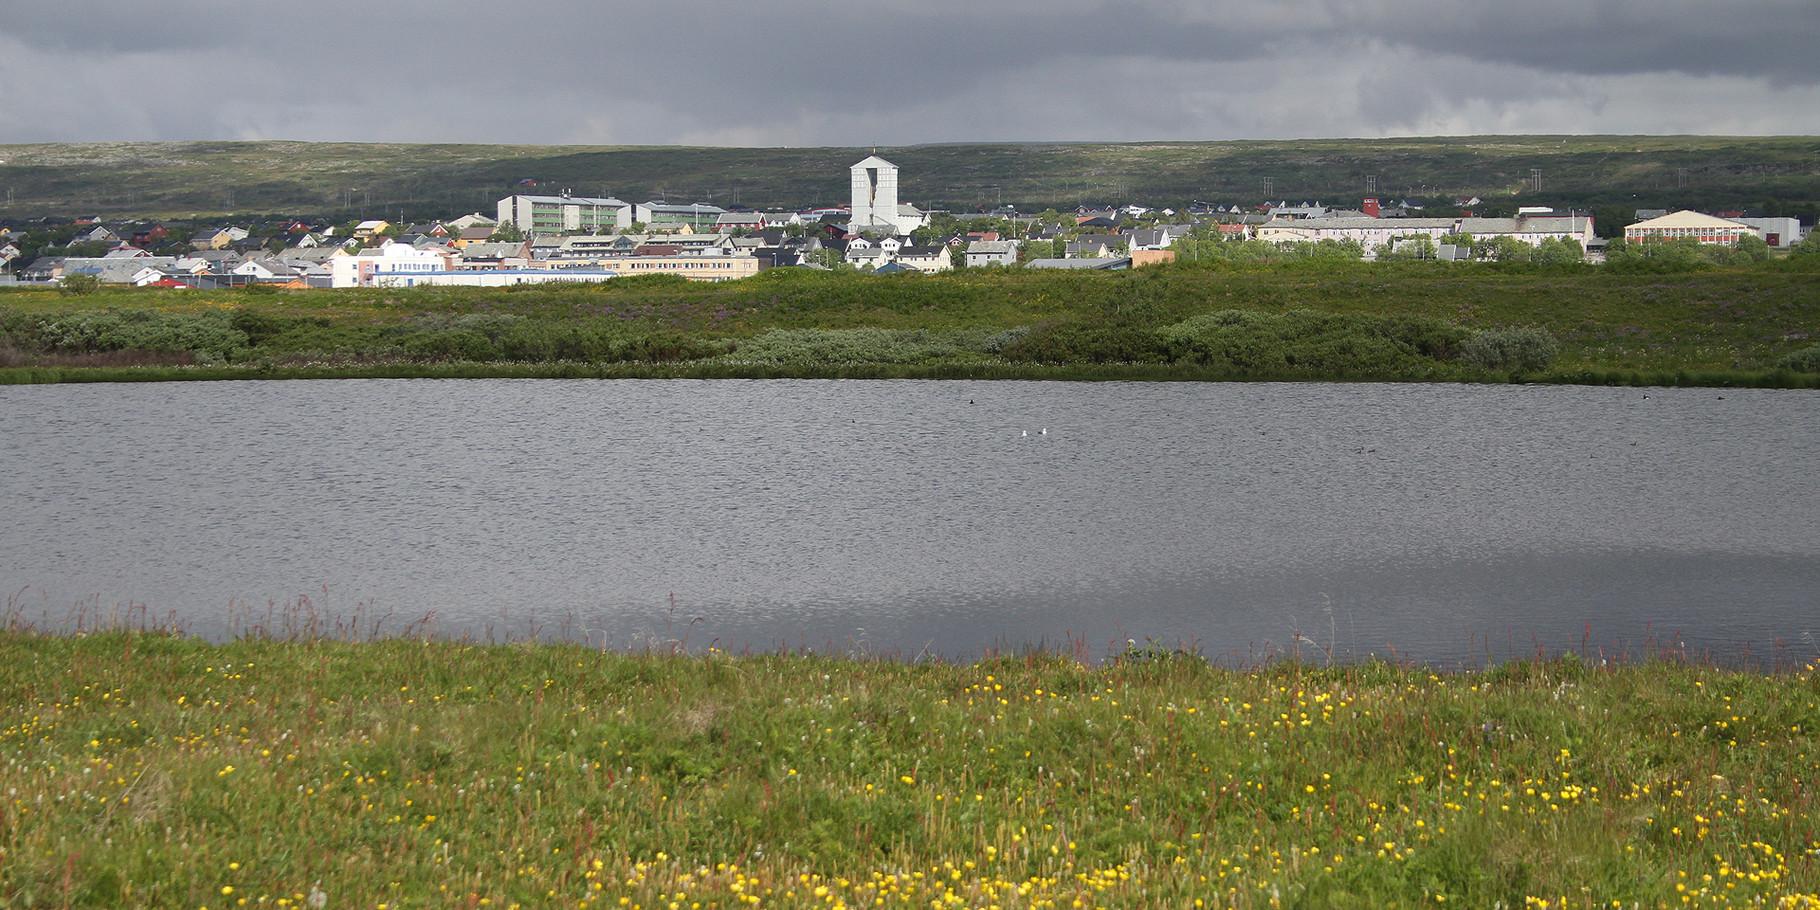 Ein weiterer ergiebiger Beobachtungspunkt ist der Teich auf Vadsoya, nahe unserem Standort Vadso, der grössten Stadt am Varanger Fjord